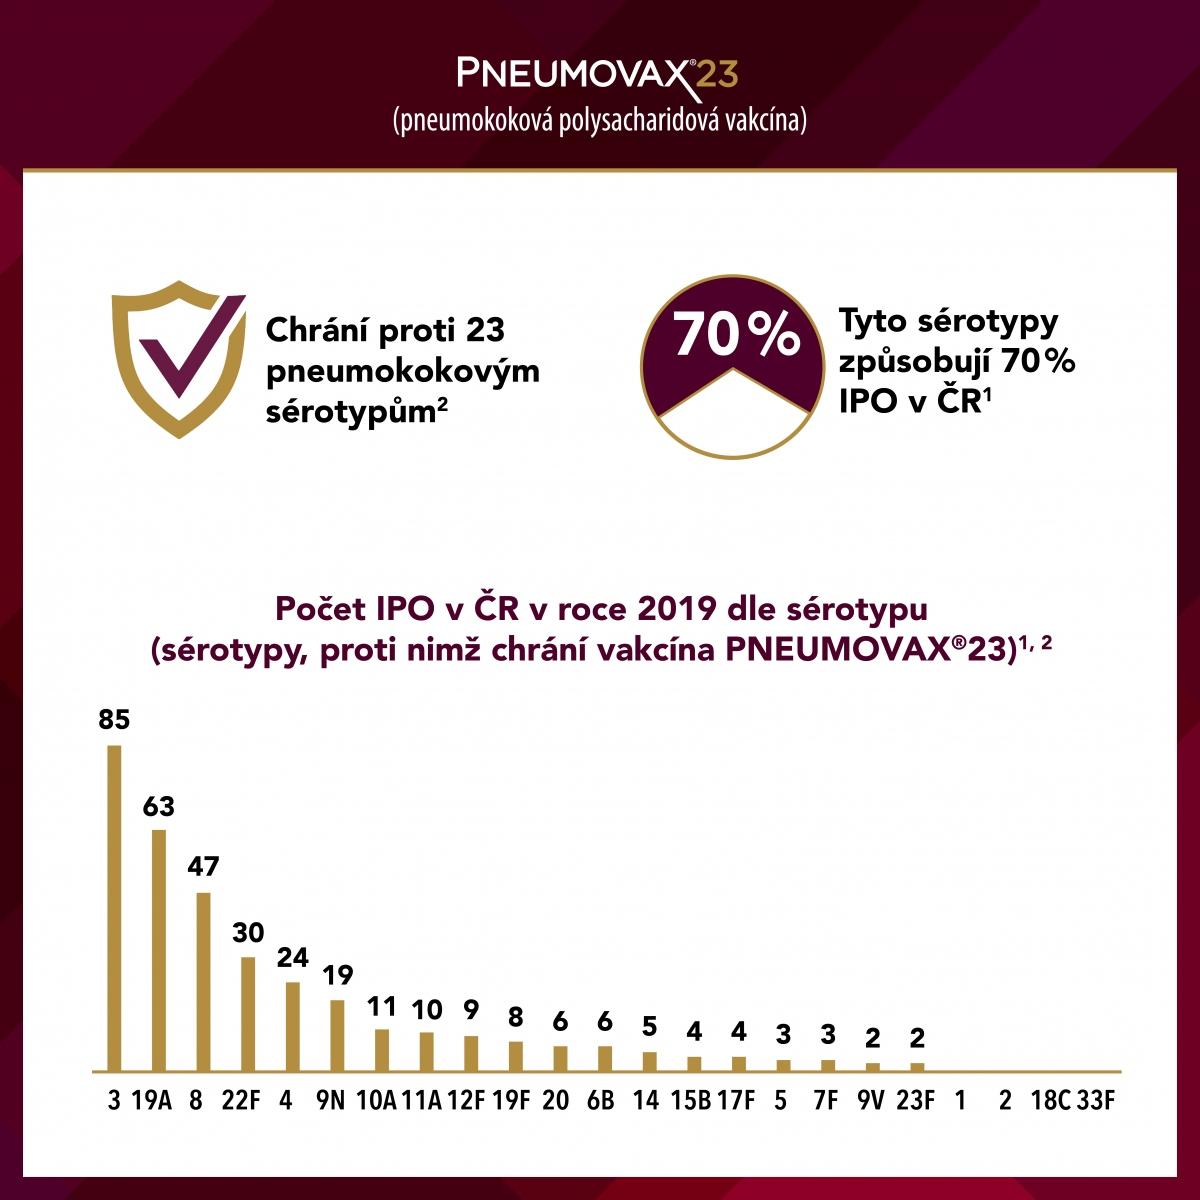 Infografika Pneumovax®23